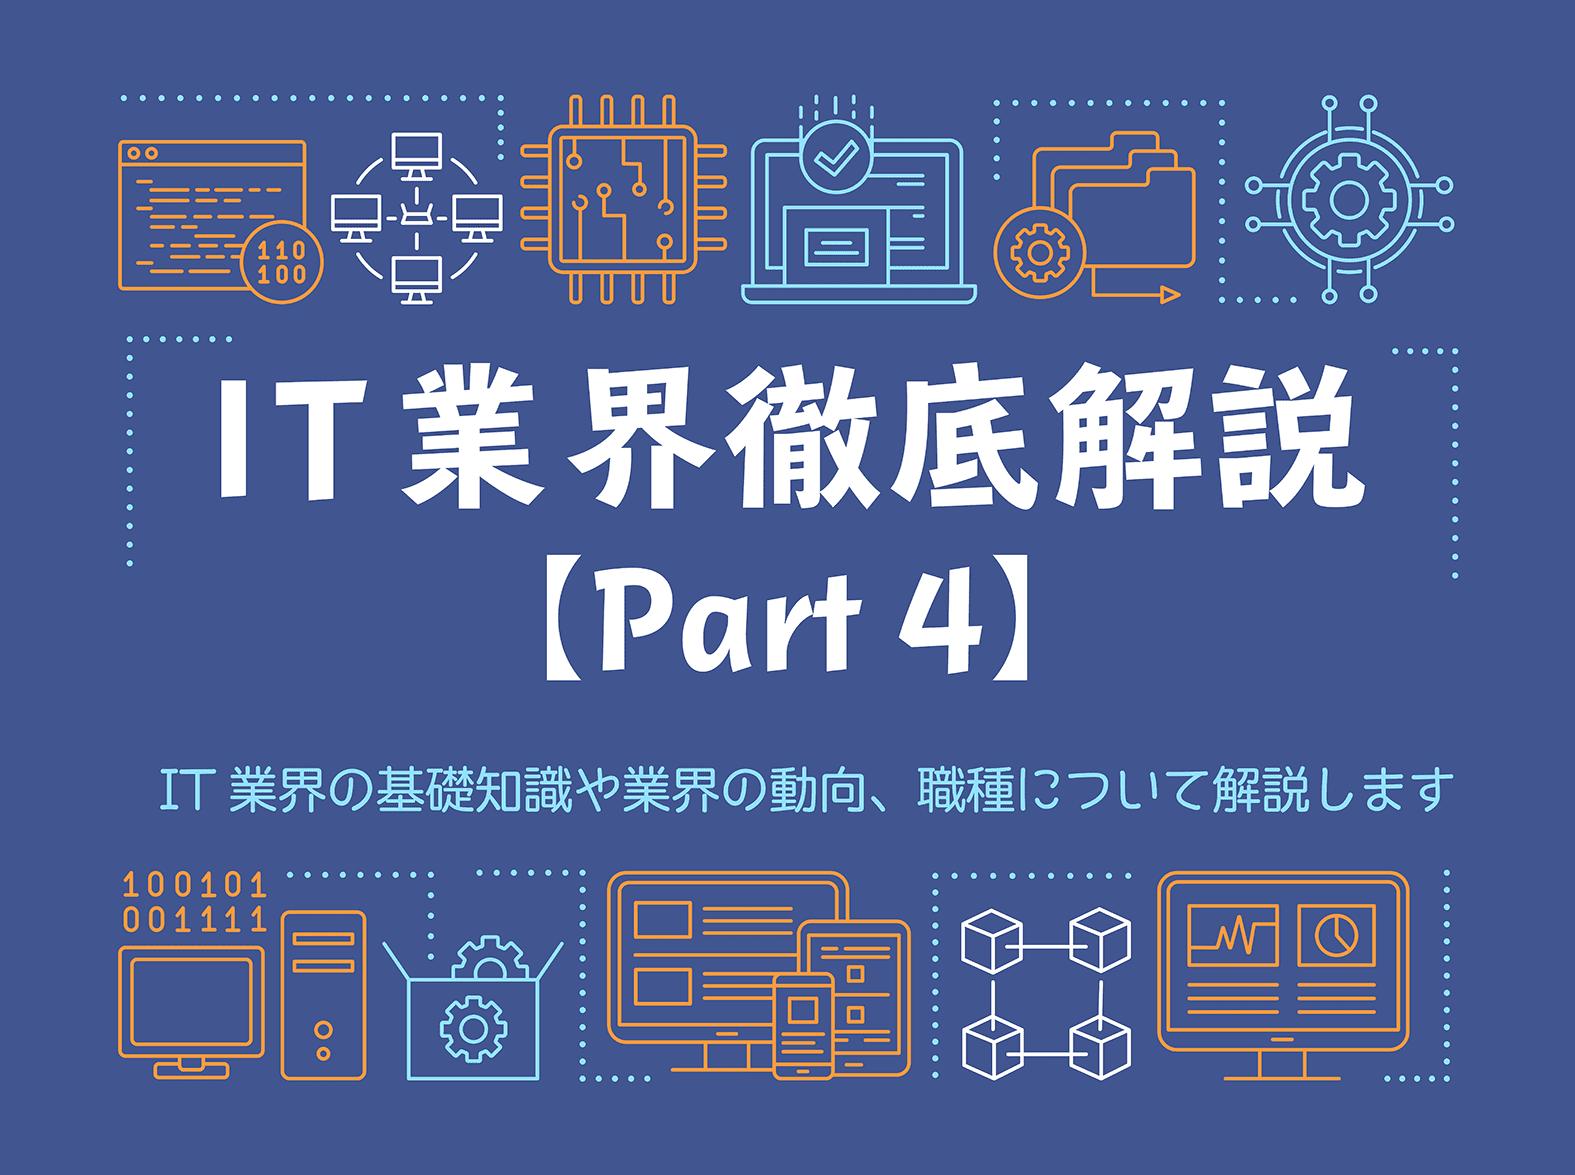 【IT業界徹底解説Part4】IT業界に関わる職種やキャリアについて